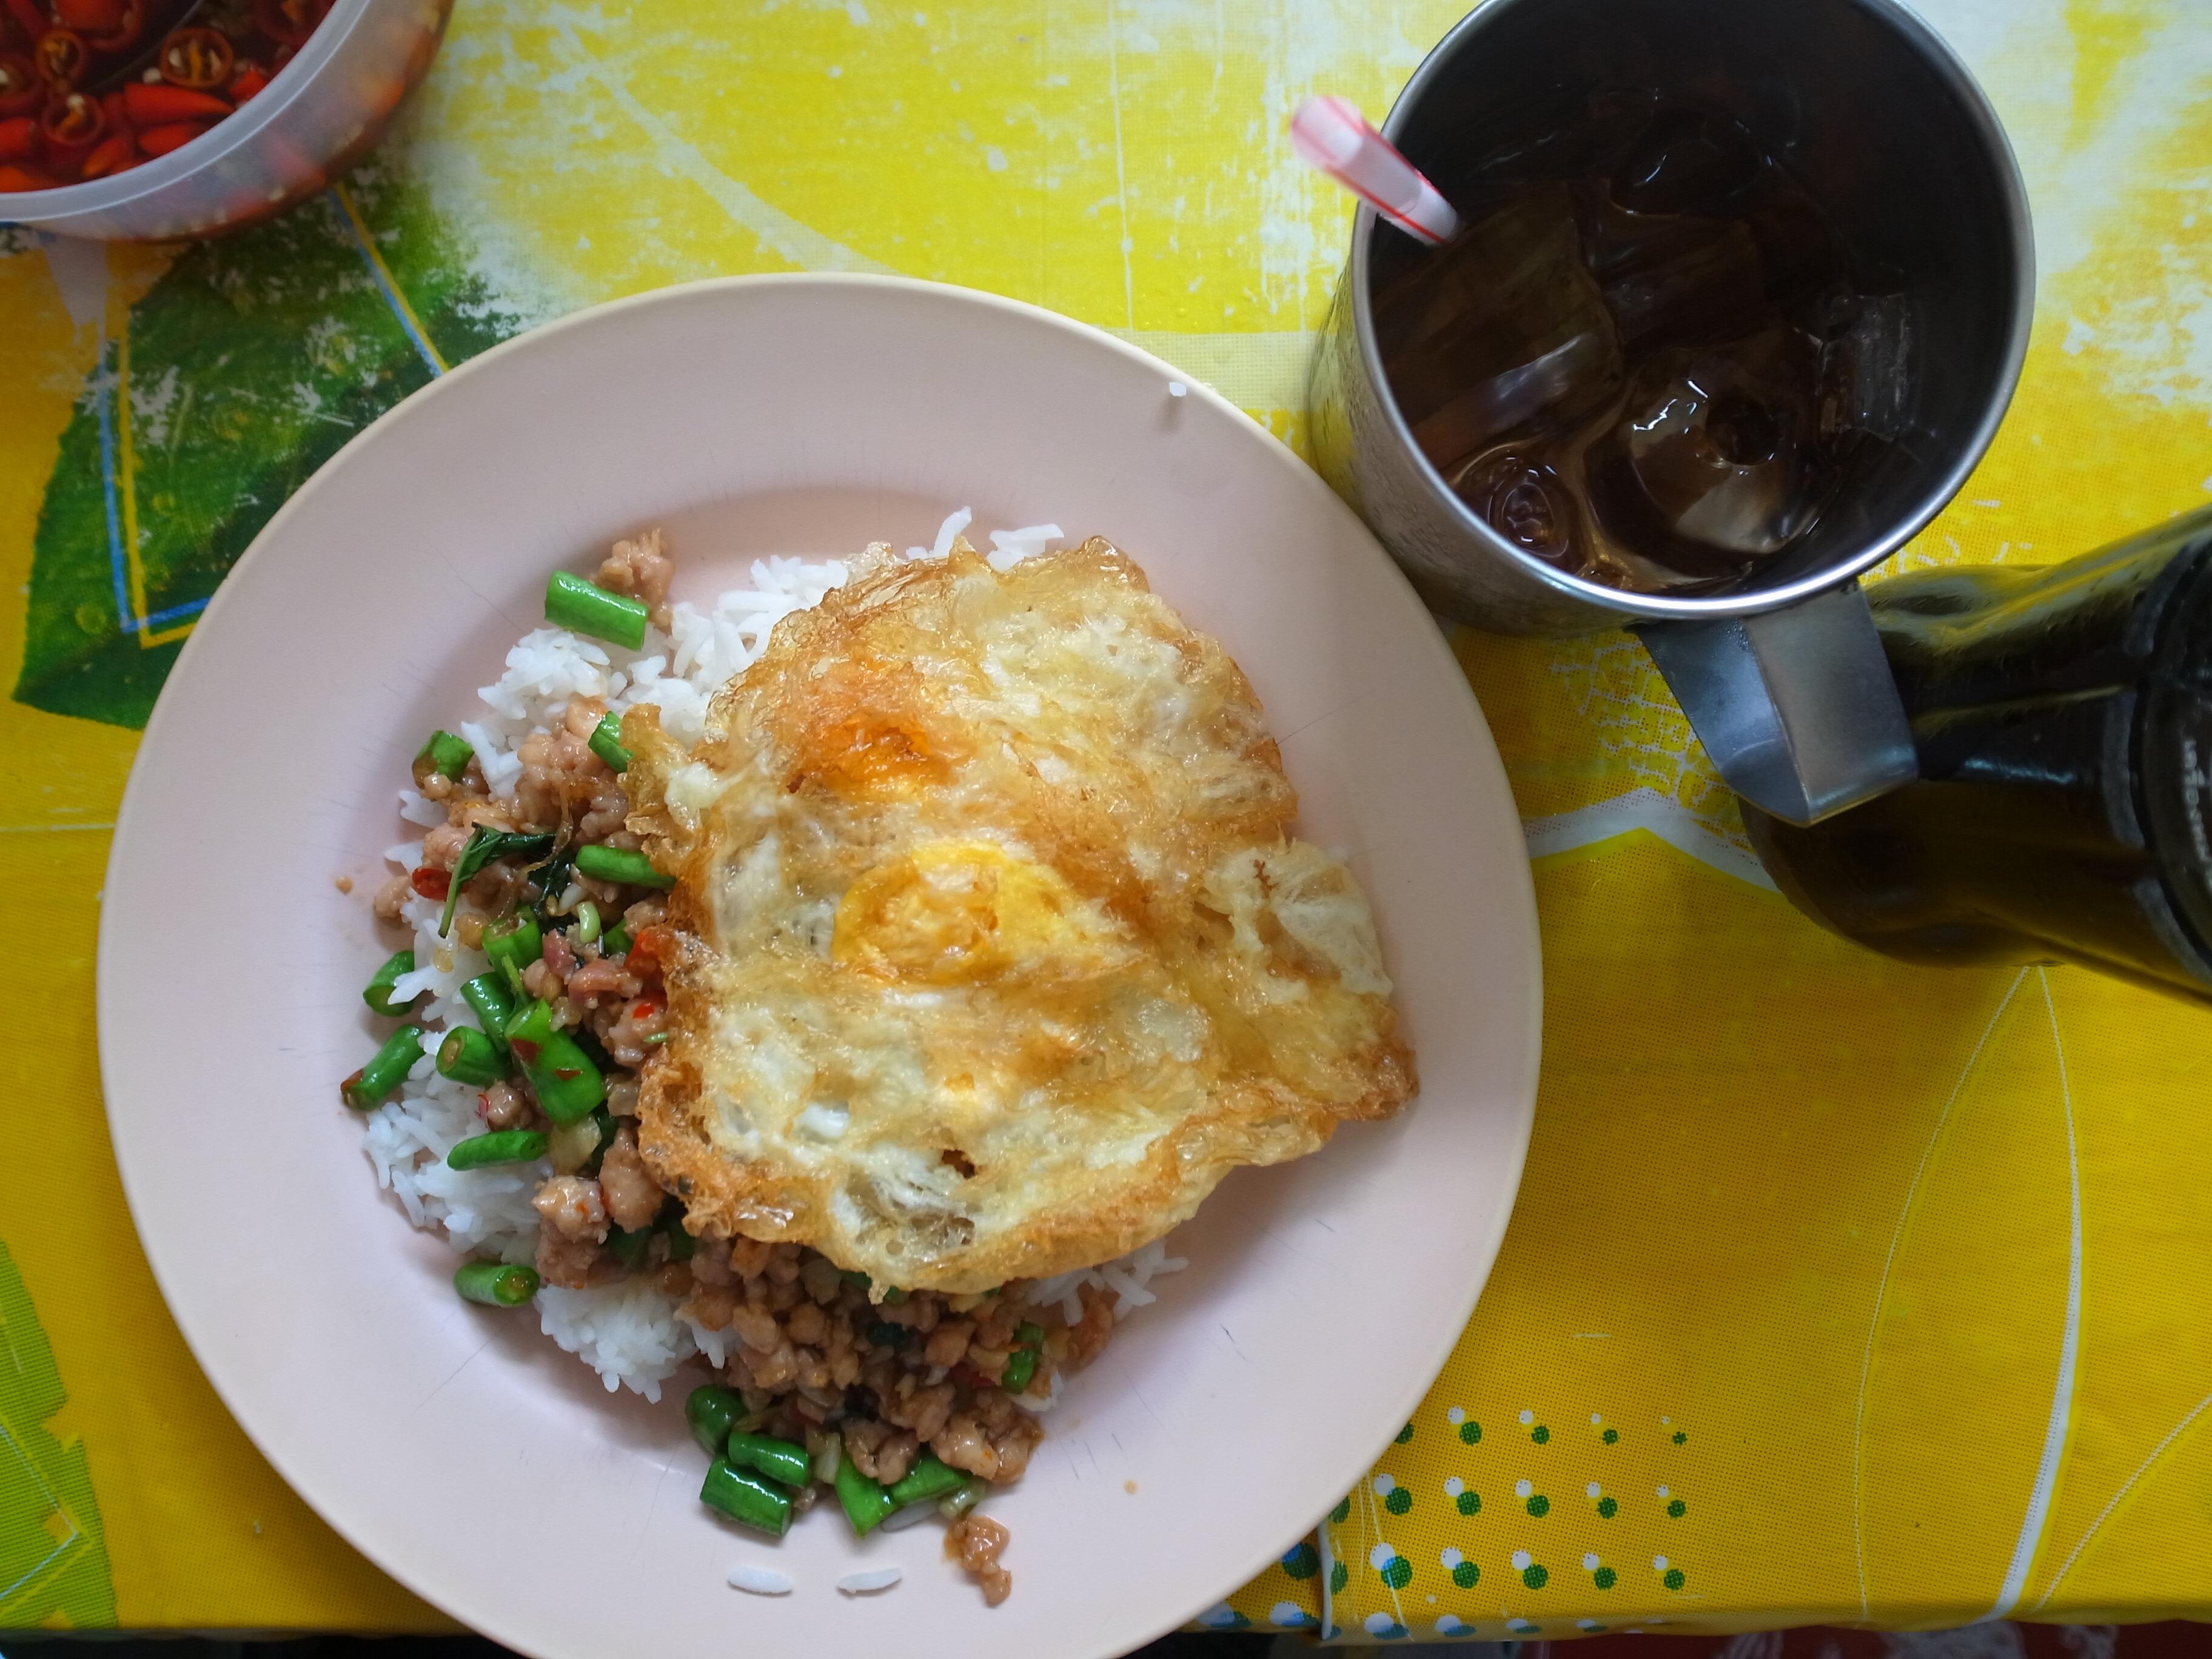 バンコクで訪れたい!ローカル感が魅力のタイ料理食堂3選